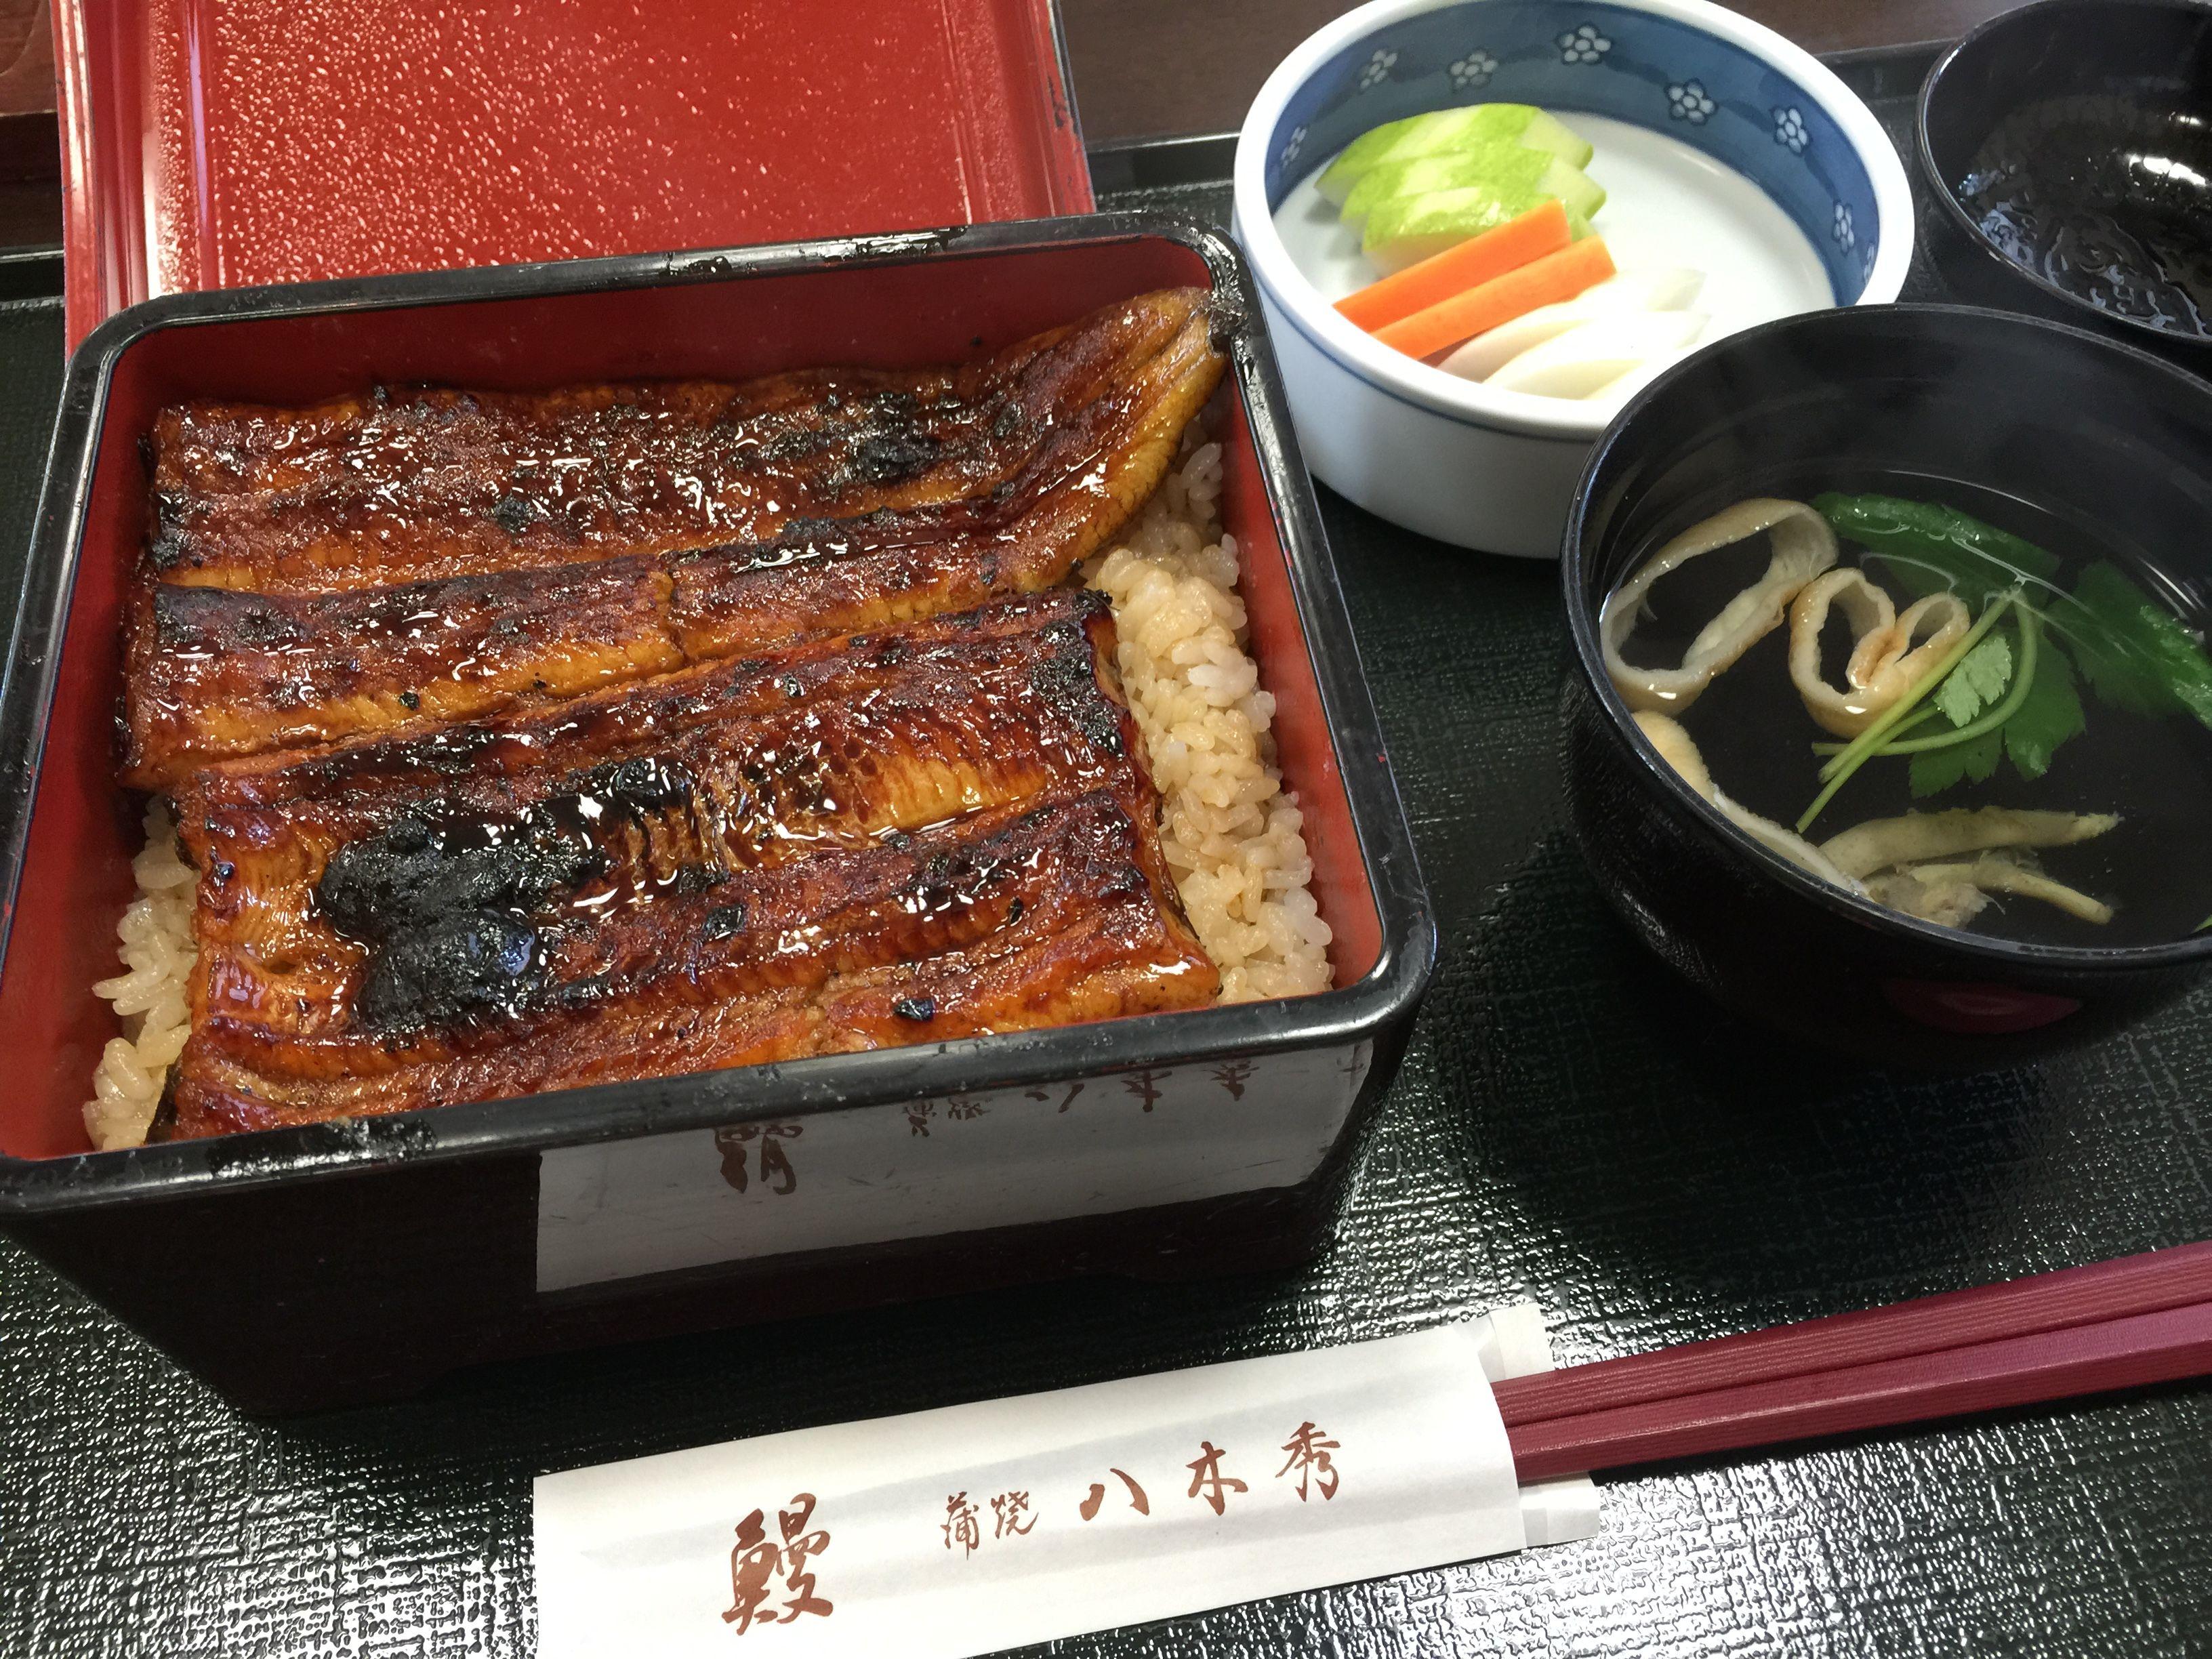 鰻丼にとろろをかけた鰻とろはバツグンの相性です